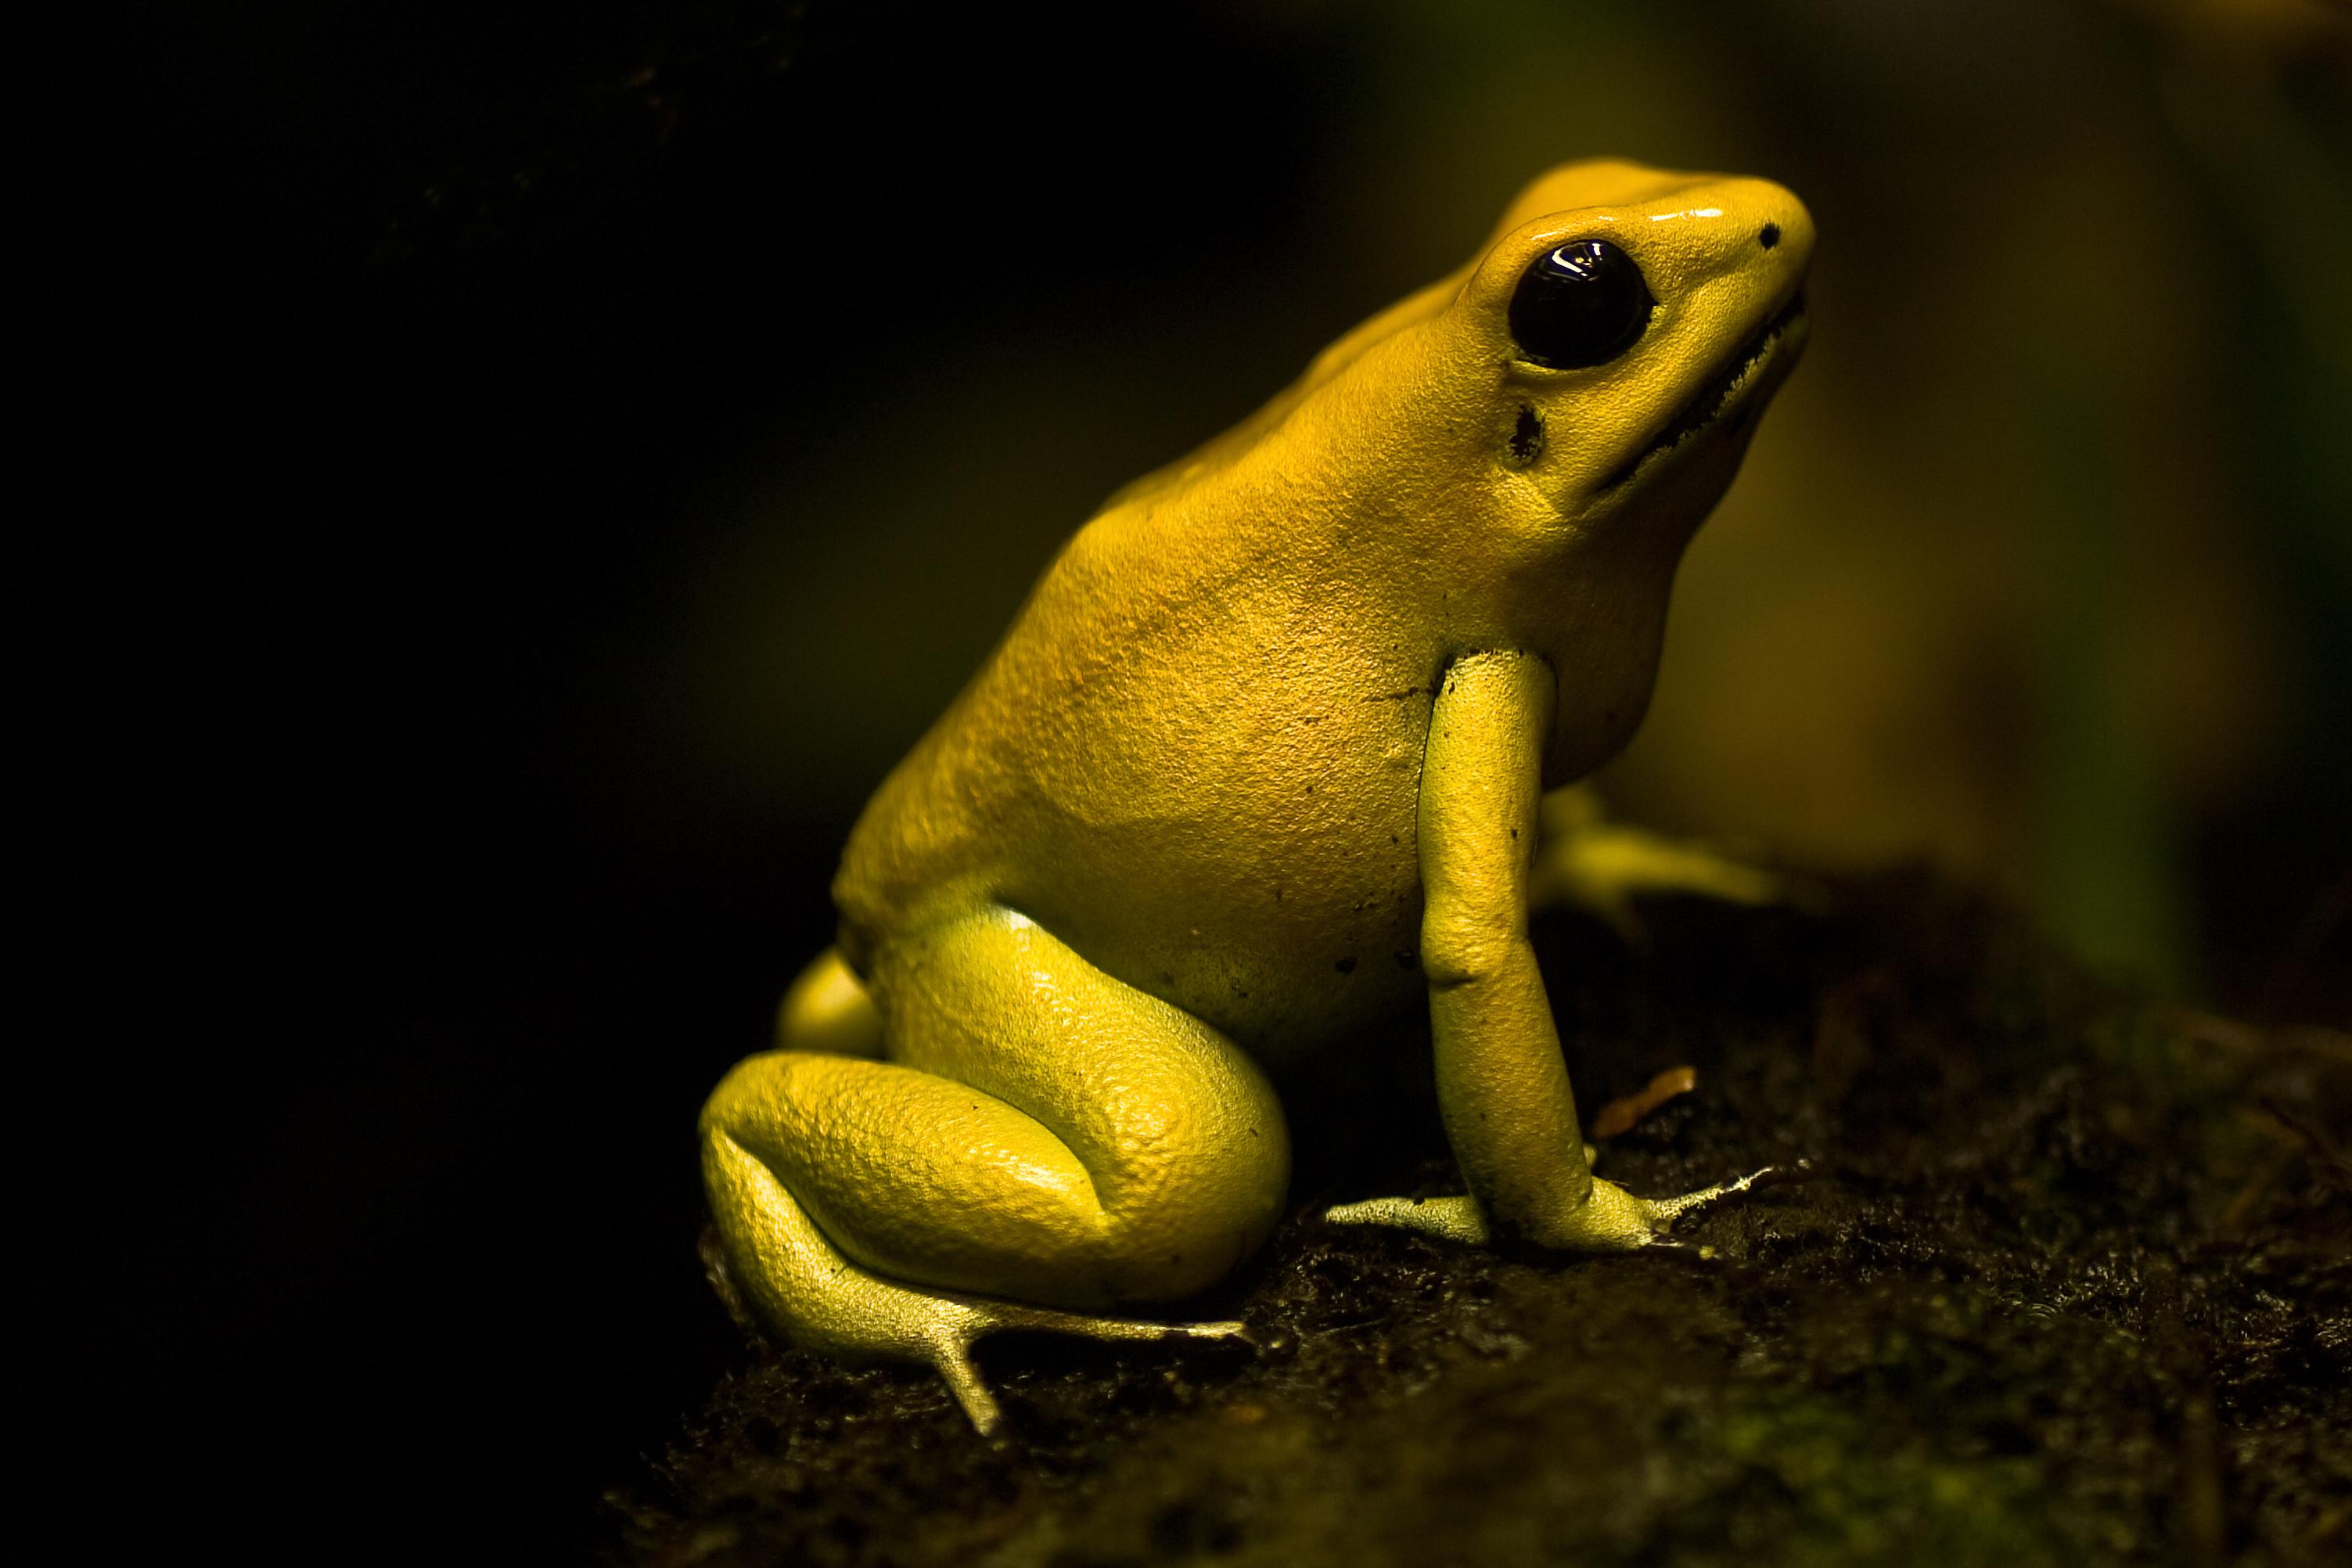 HQ Golden Poison Frog Wallpapers | File 1580.97Kb